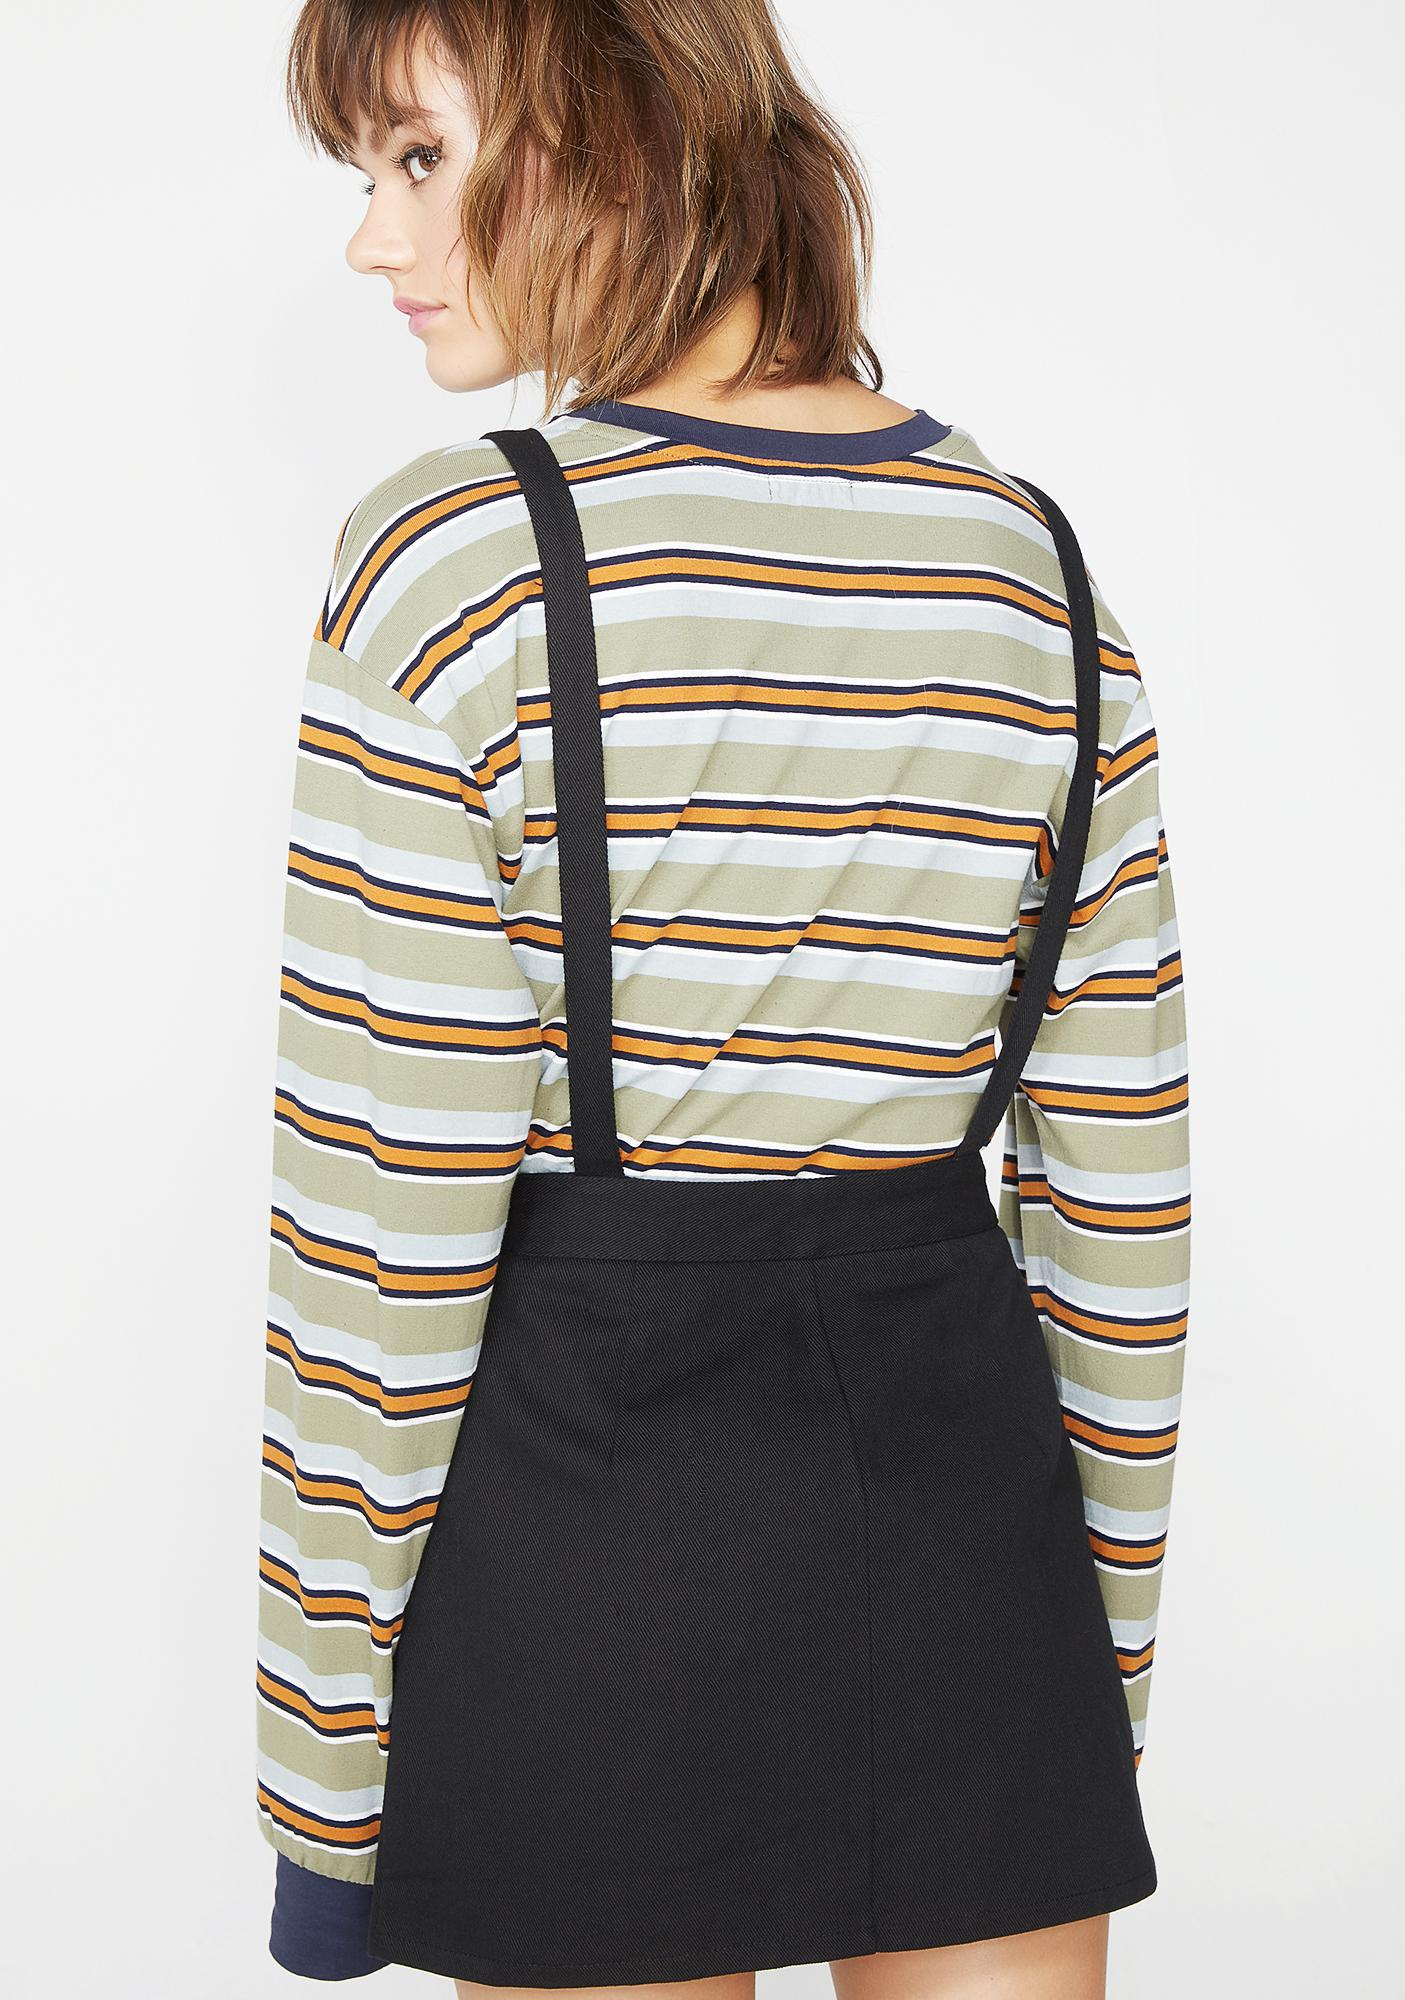 Grade A Suspender Skirt